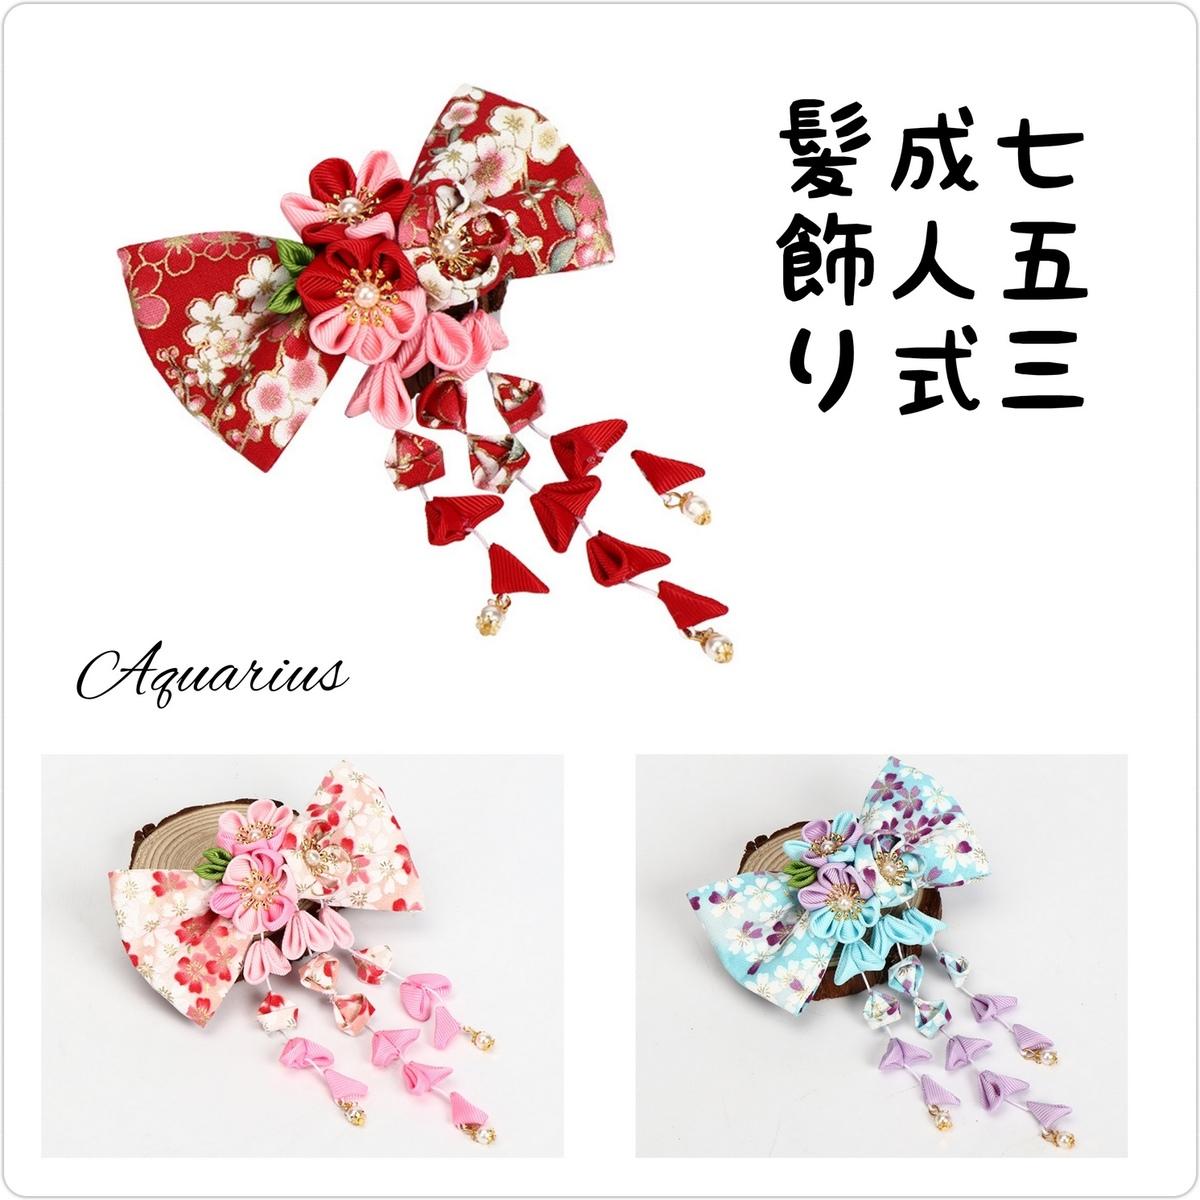 クリップ式になっていますので装着が簡単です☆ 七五三 成人式 浴衣 和風 揺れる リボン 桜 髪飾り3 カラー